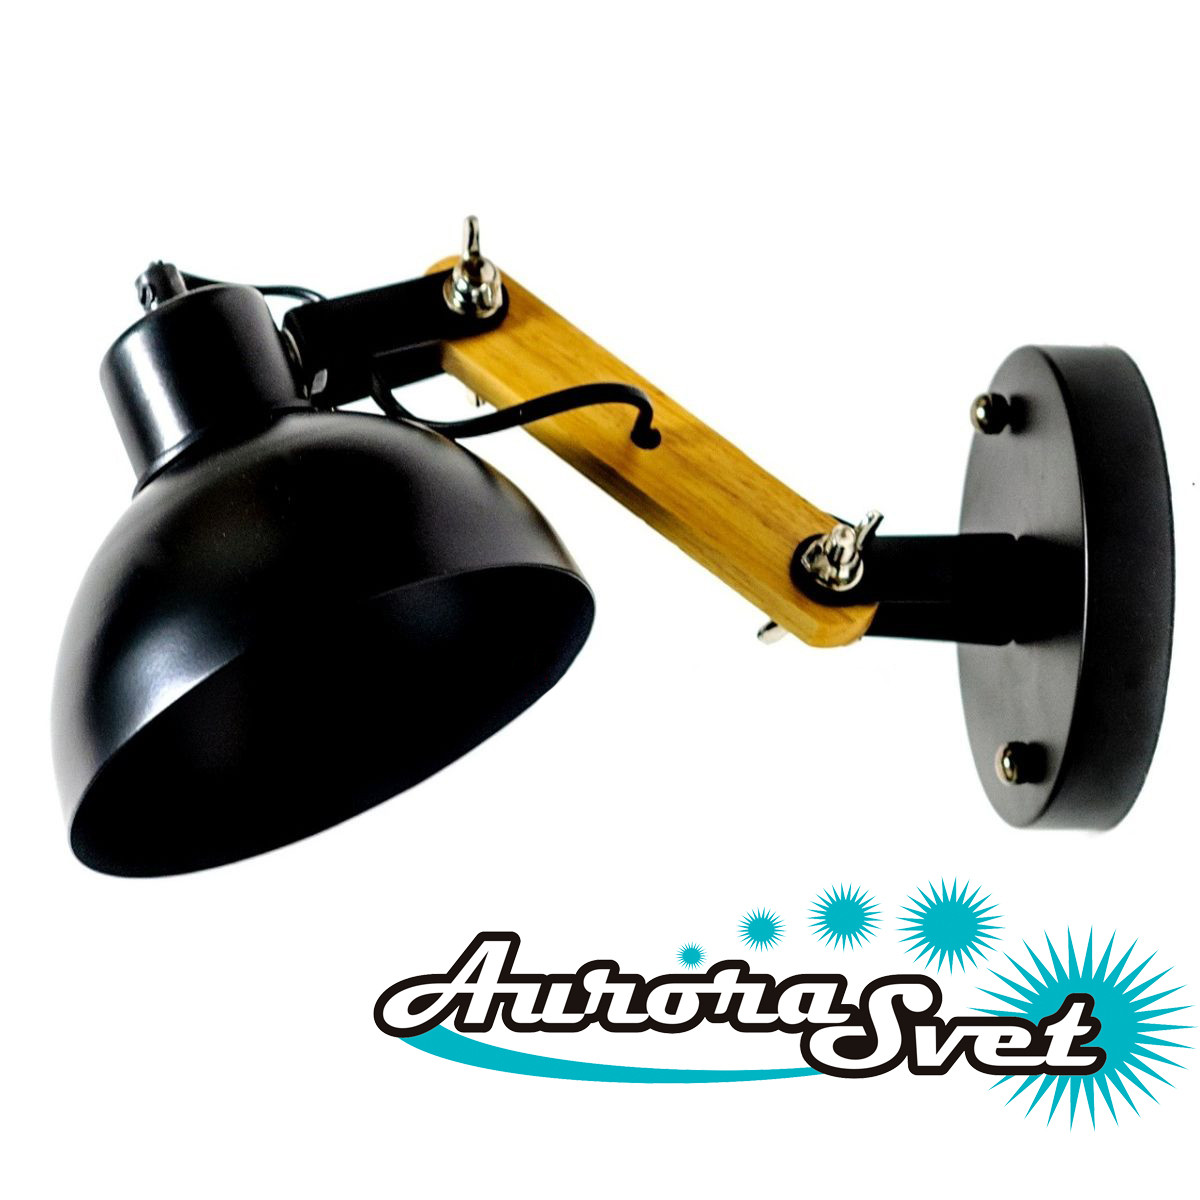 Бра настенная AuroraSvet 6000 чёрная. LED светильник бра. Светодиодный светильник бра.